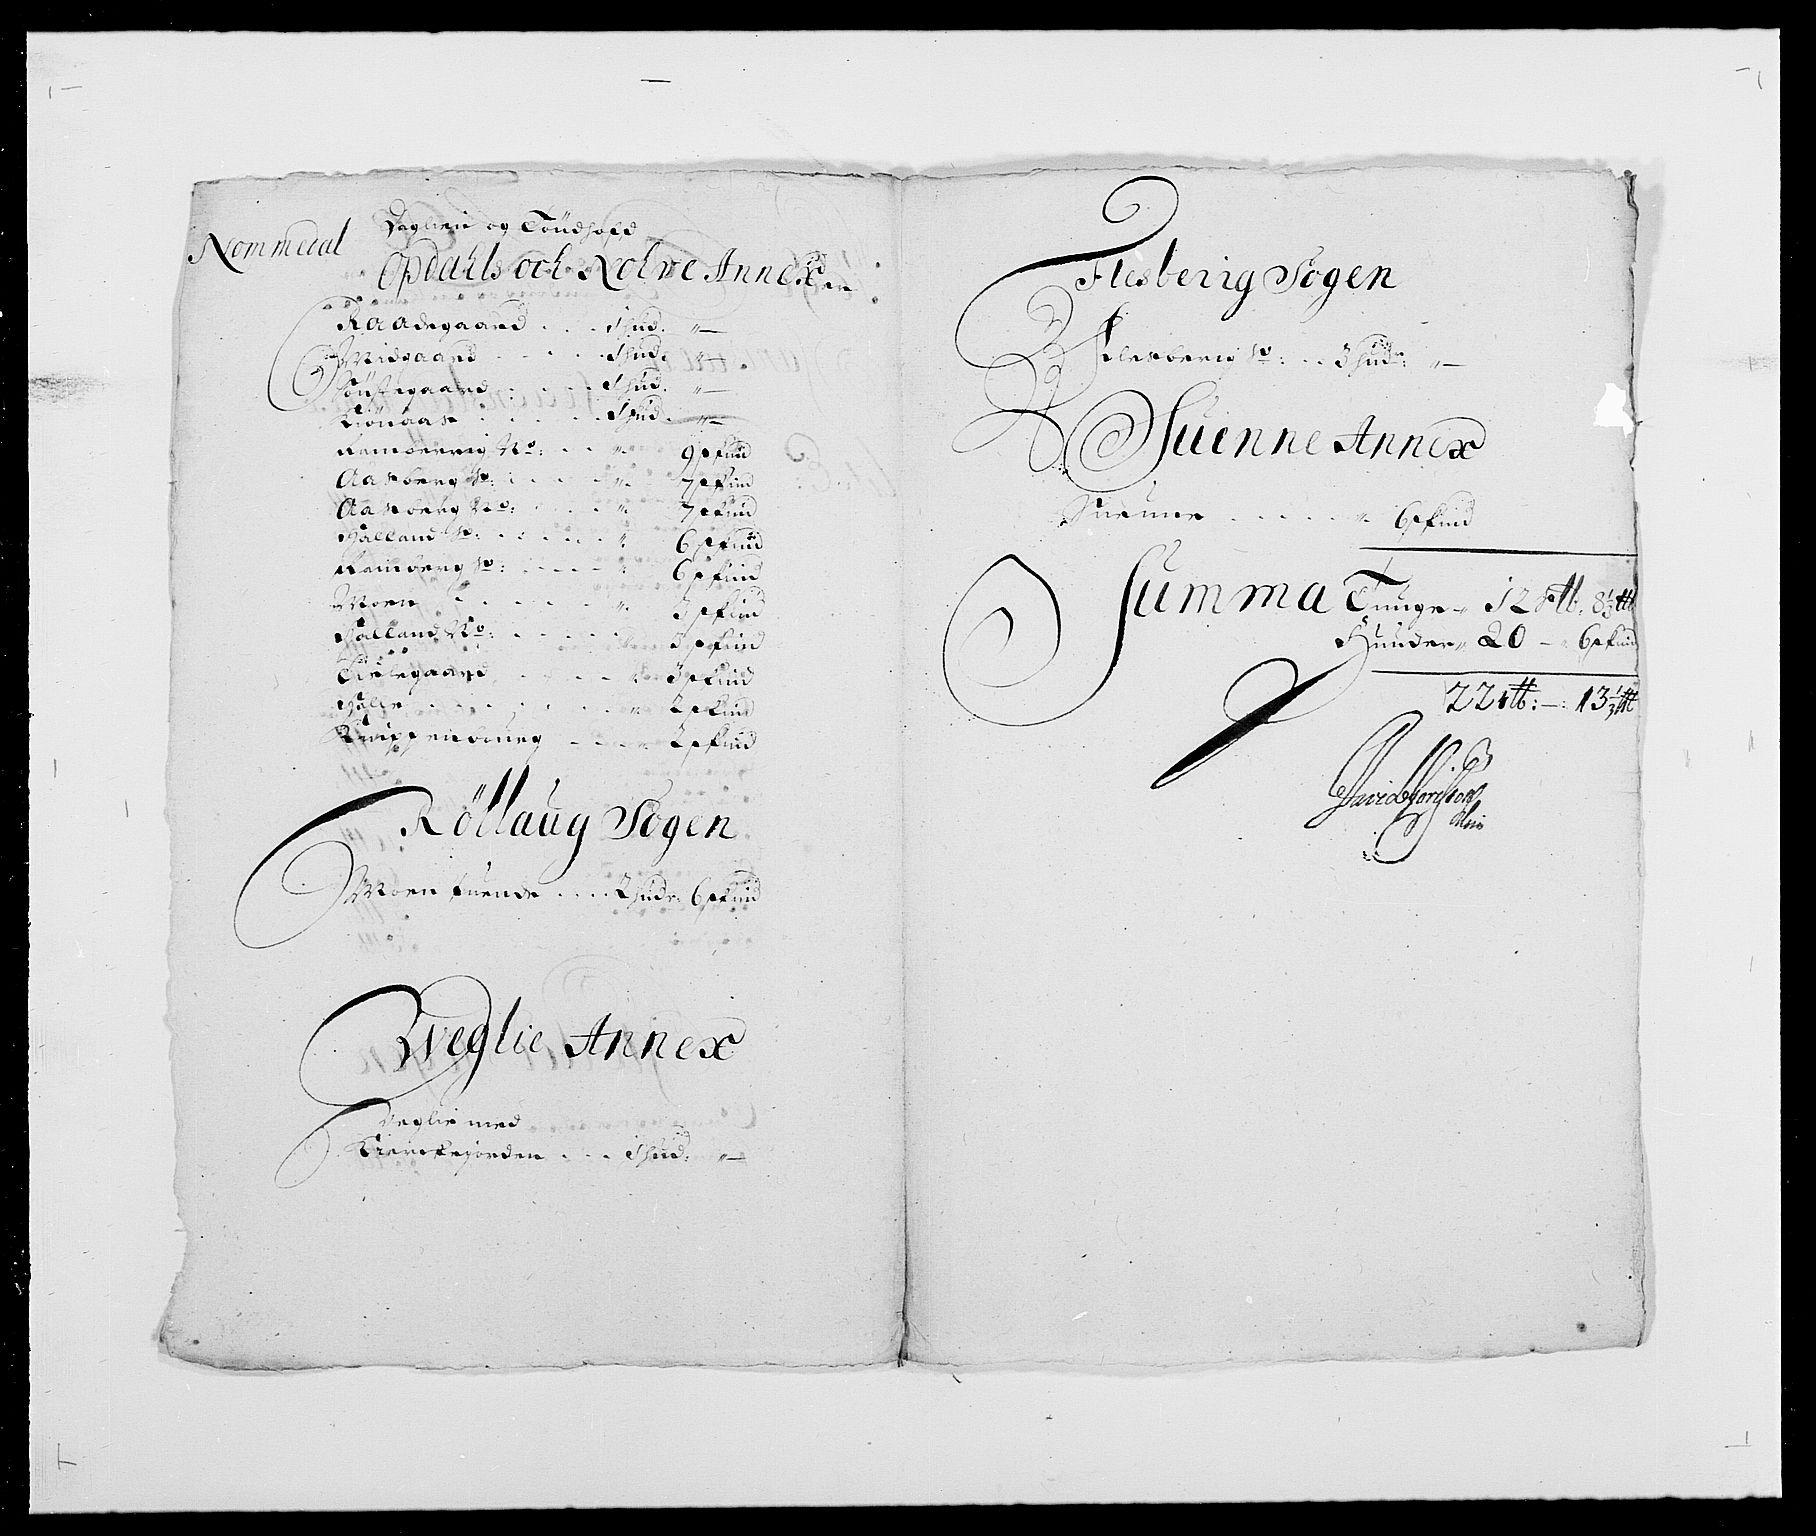 RA, Rentekammeret inntil 1814, Reviderte regnskaper, Fogderegnskap, R24/L1573: Fogderegnskap Numedal og Sandsvær, 1687-1691, s. 429